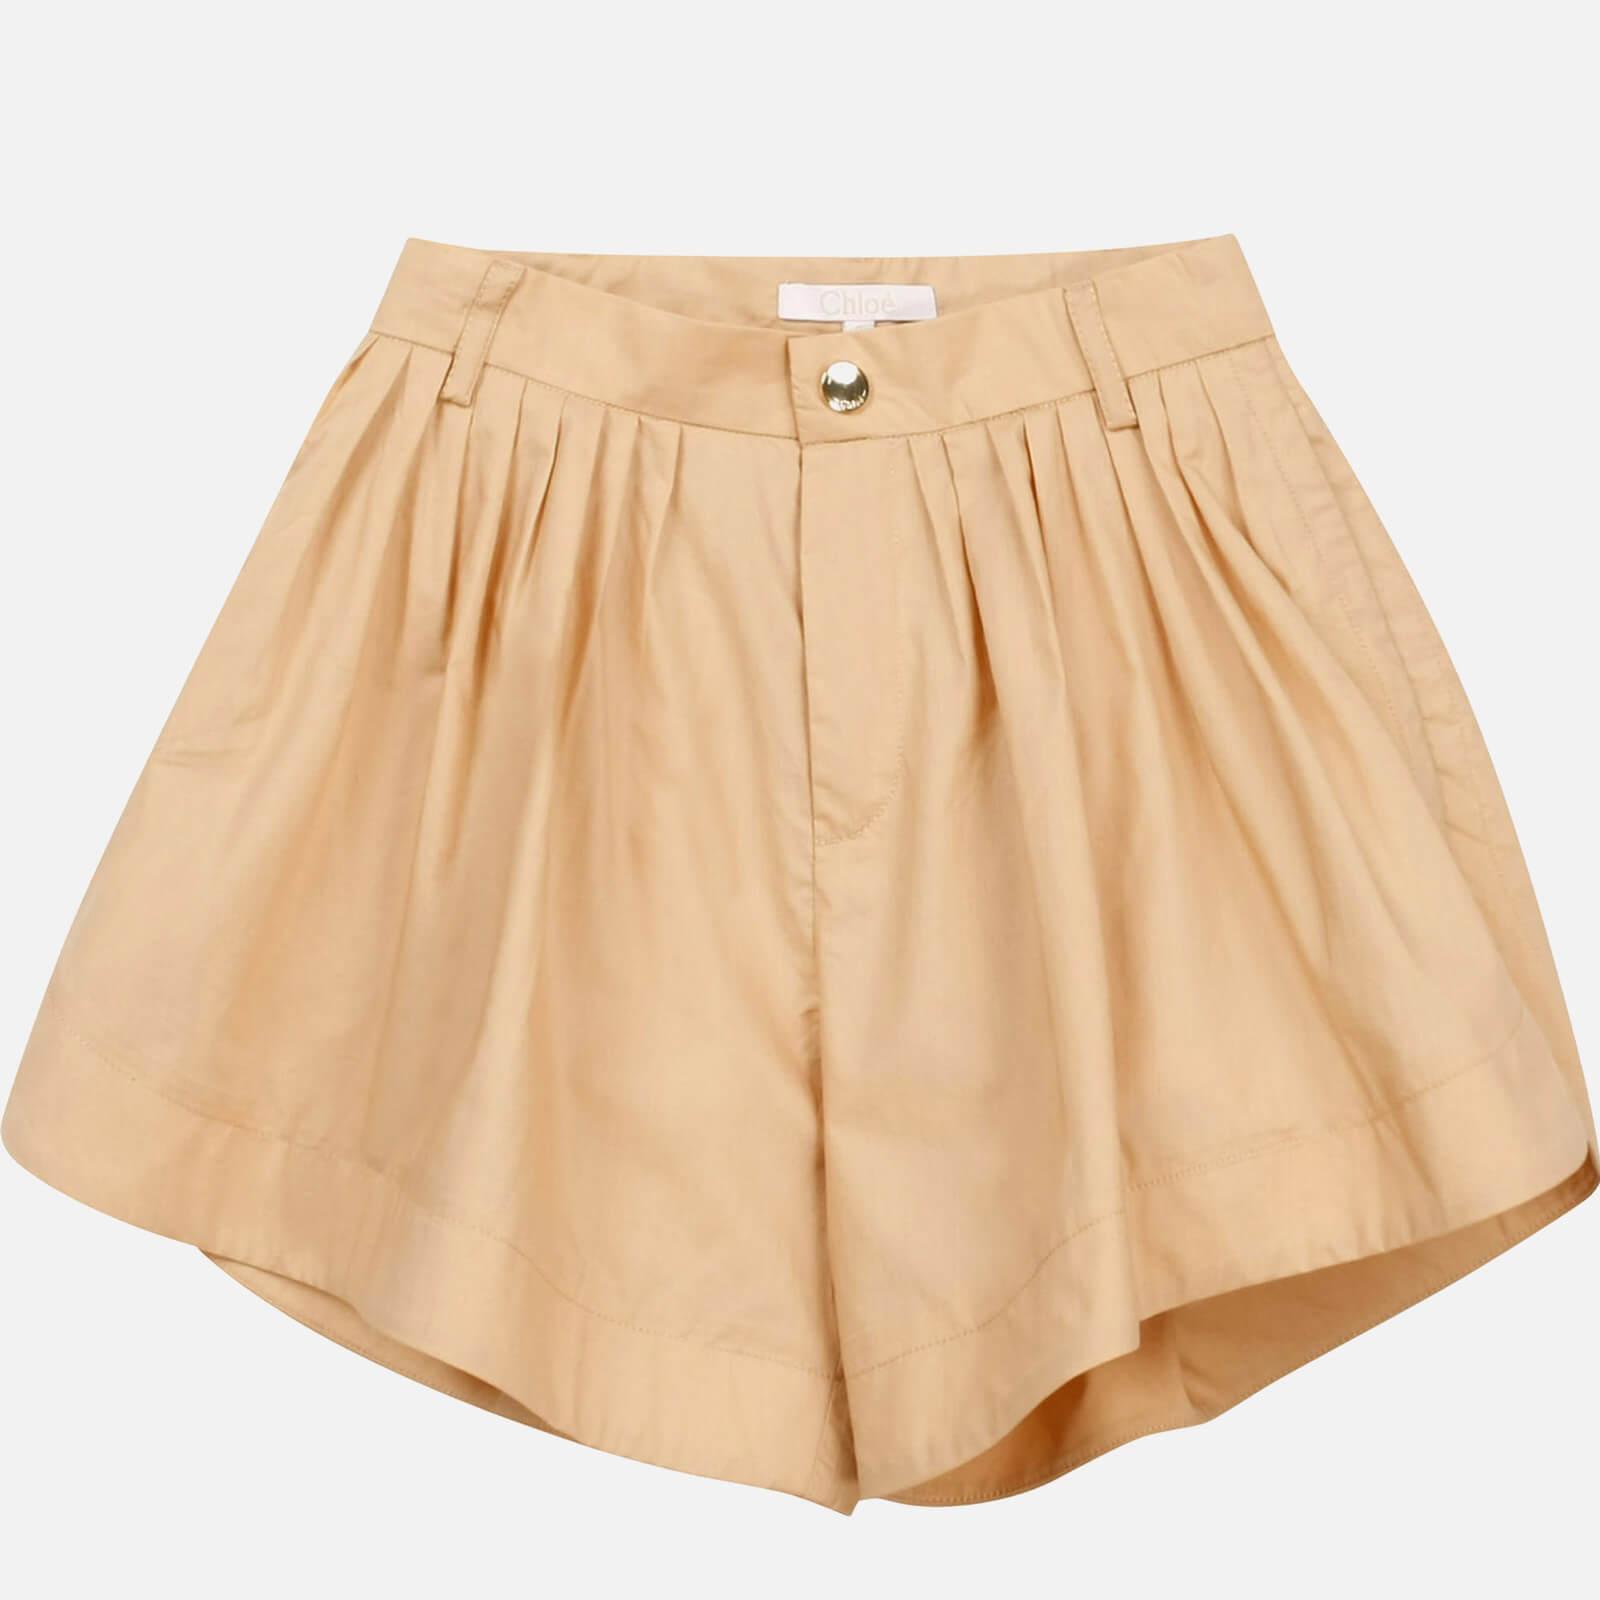 Chloe Girls' Shorts - Dark Stone - 2 Years